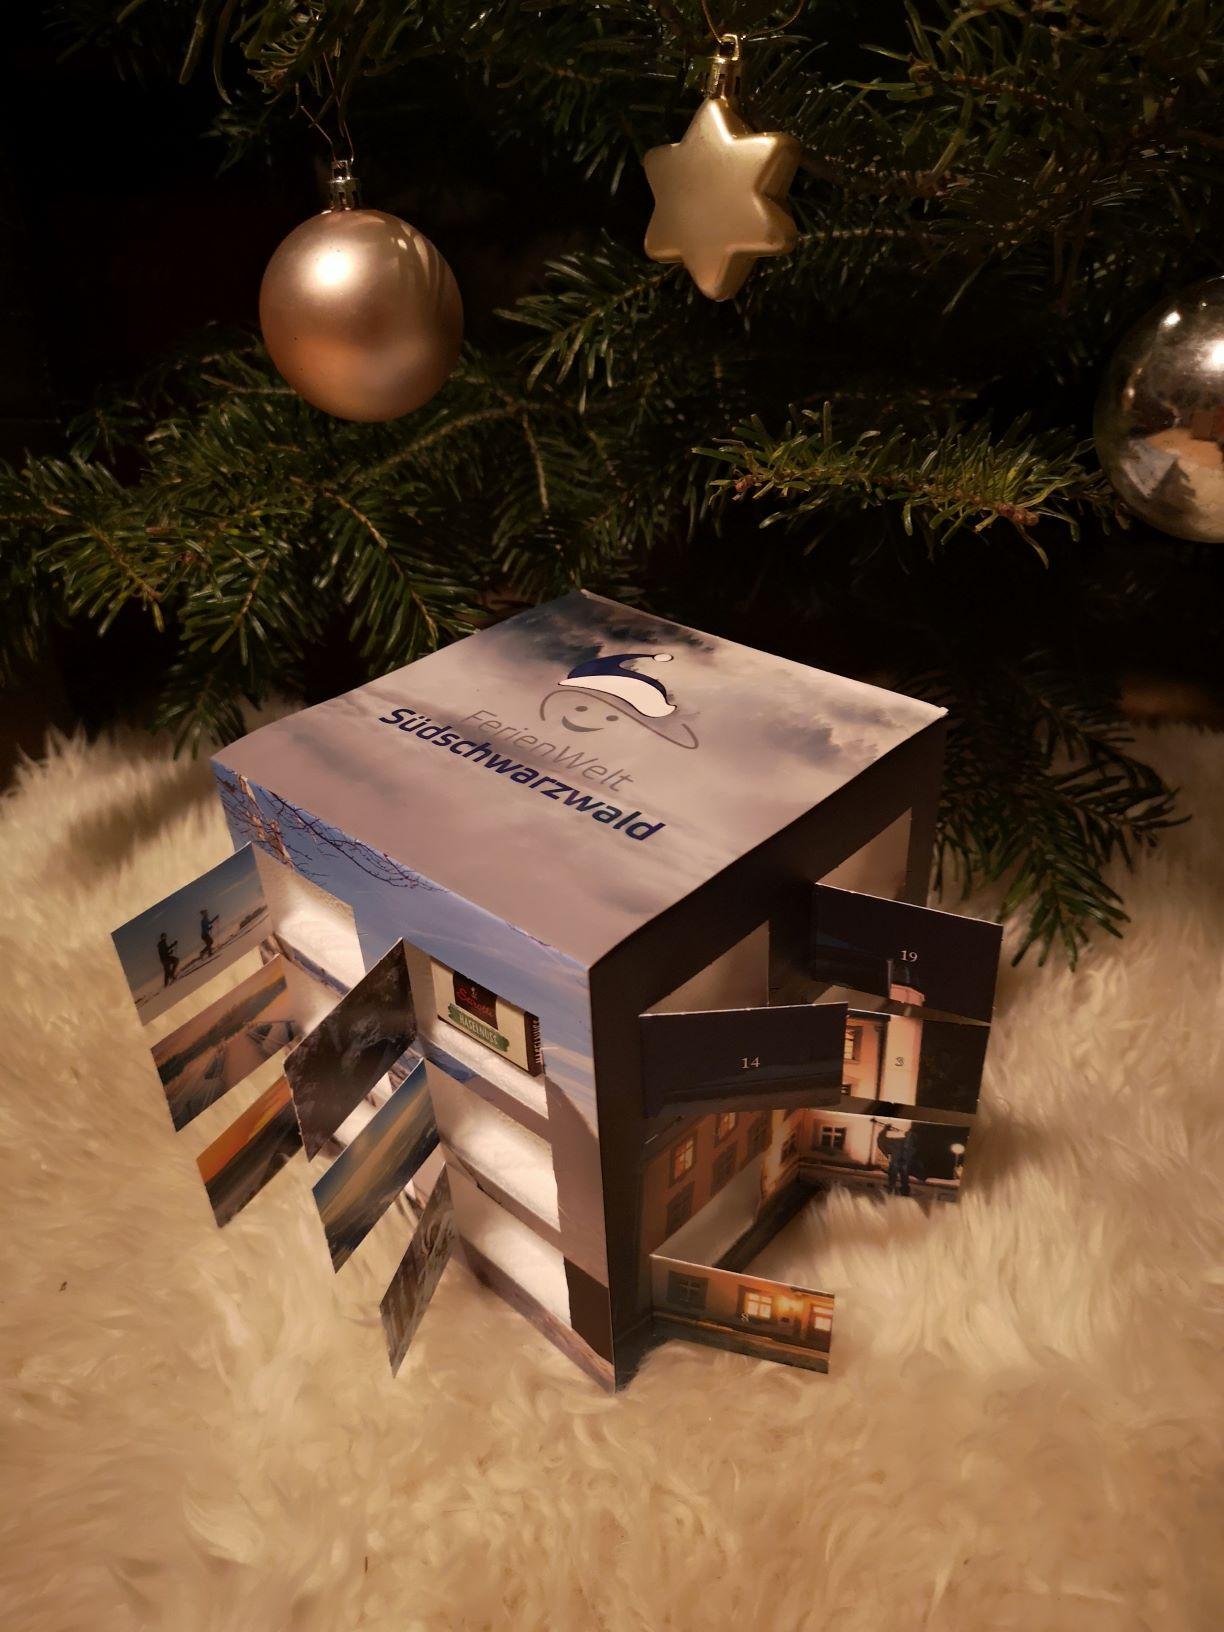 Adventskalender der Ferienwelt vor weihnachtlich geschmückten Tannenbaum